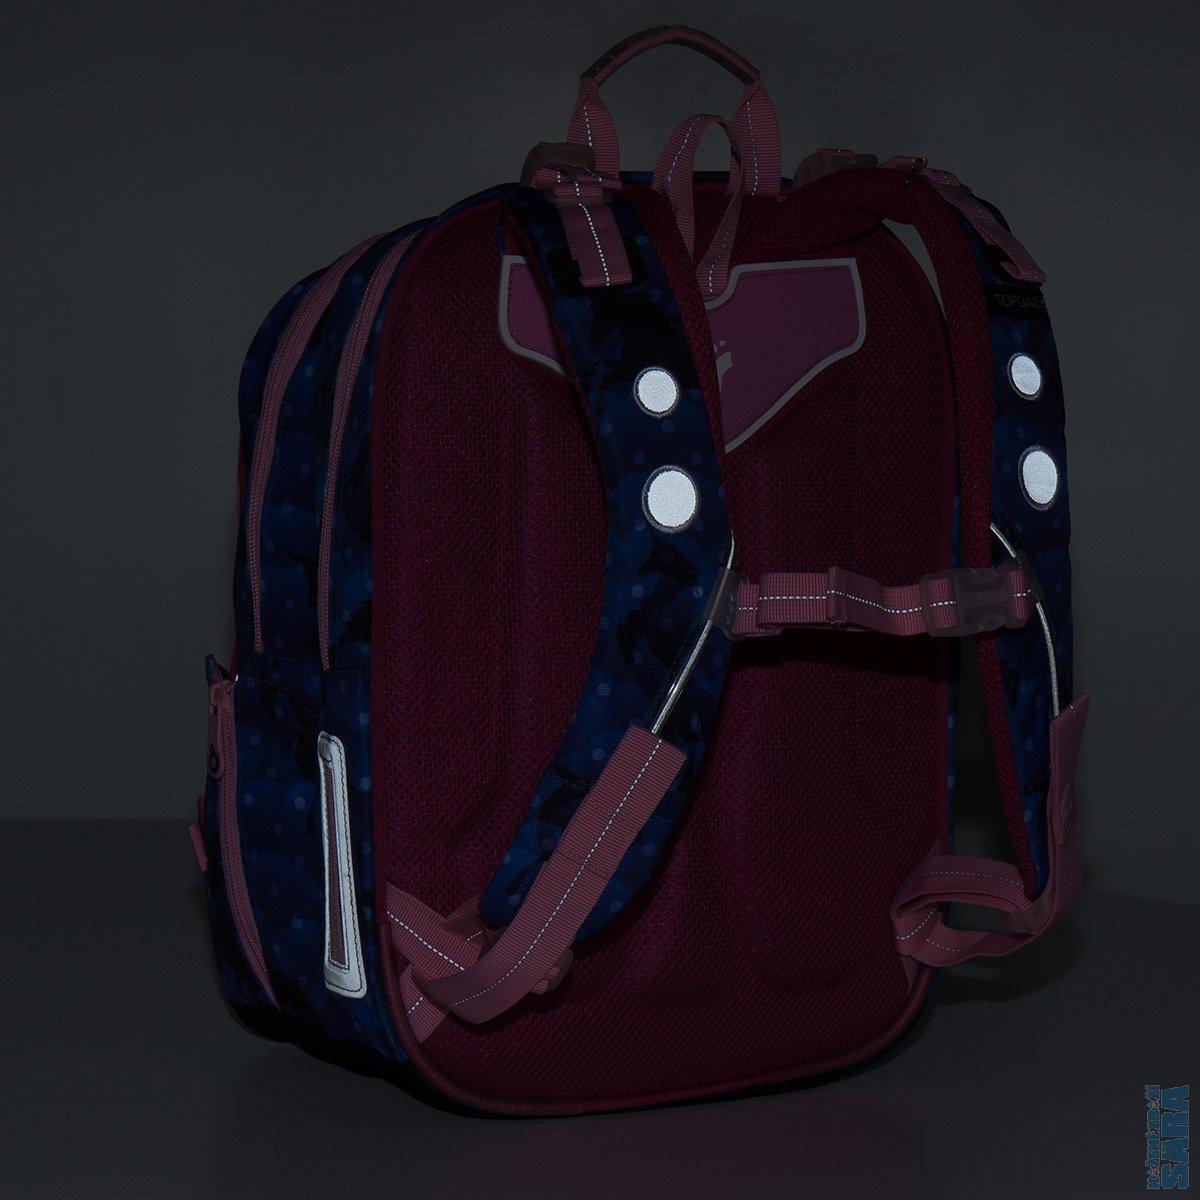 2abdb3749cf Dvoukomorový školní batoh pro holčičky s motivem jednorožce a přívěskem